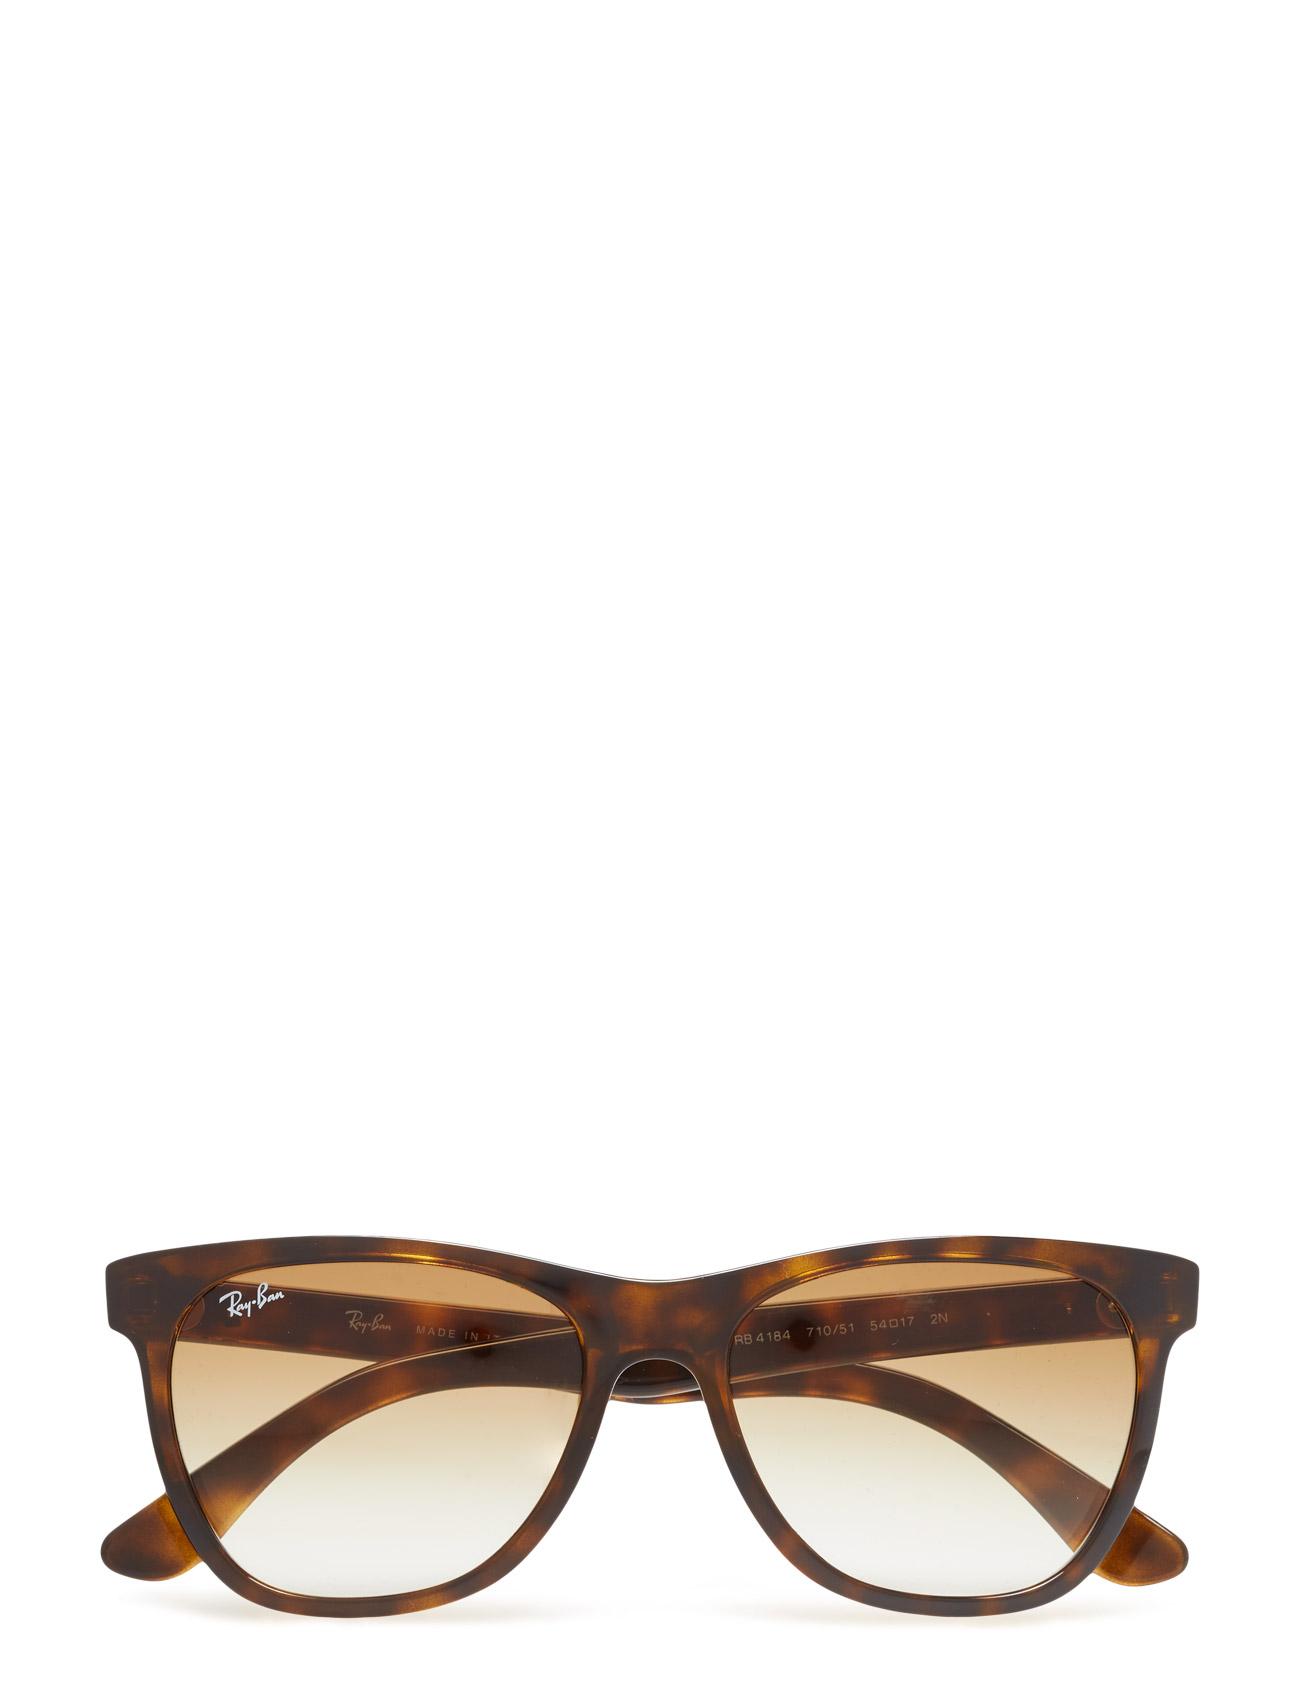 Highstreet Ray-Ban Solbriller til Herrer i